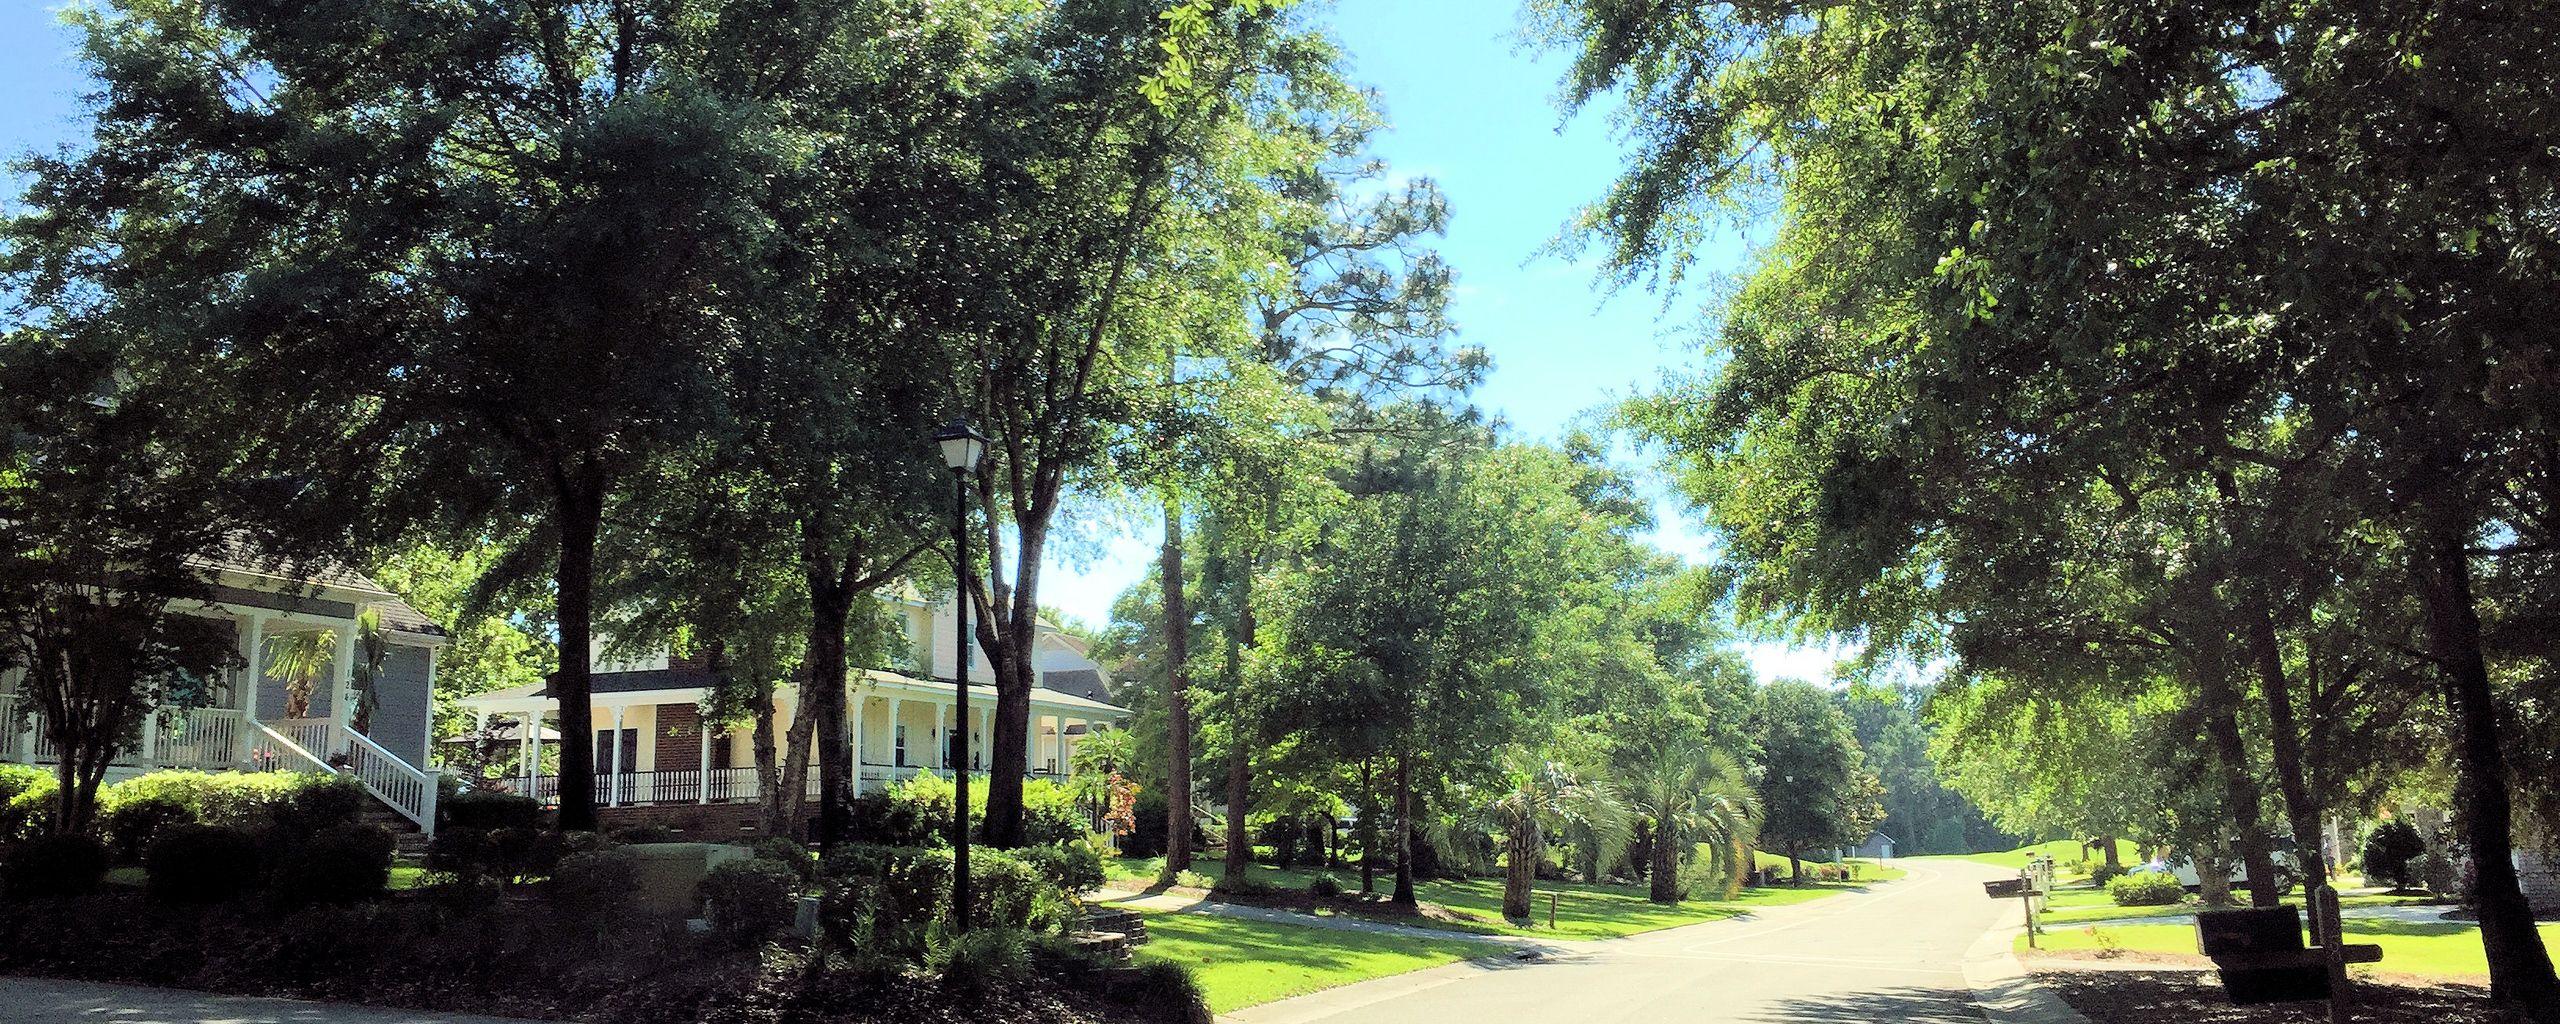 Homes For Sale In River Oaks Oak Ridge Nc